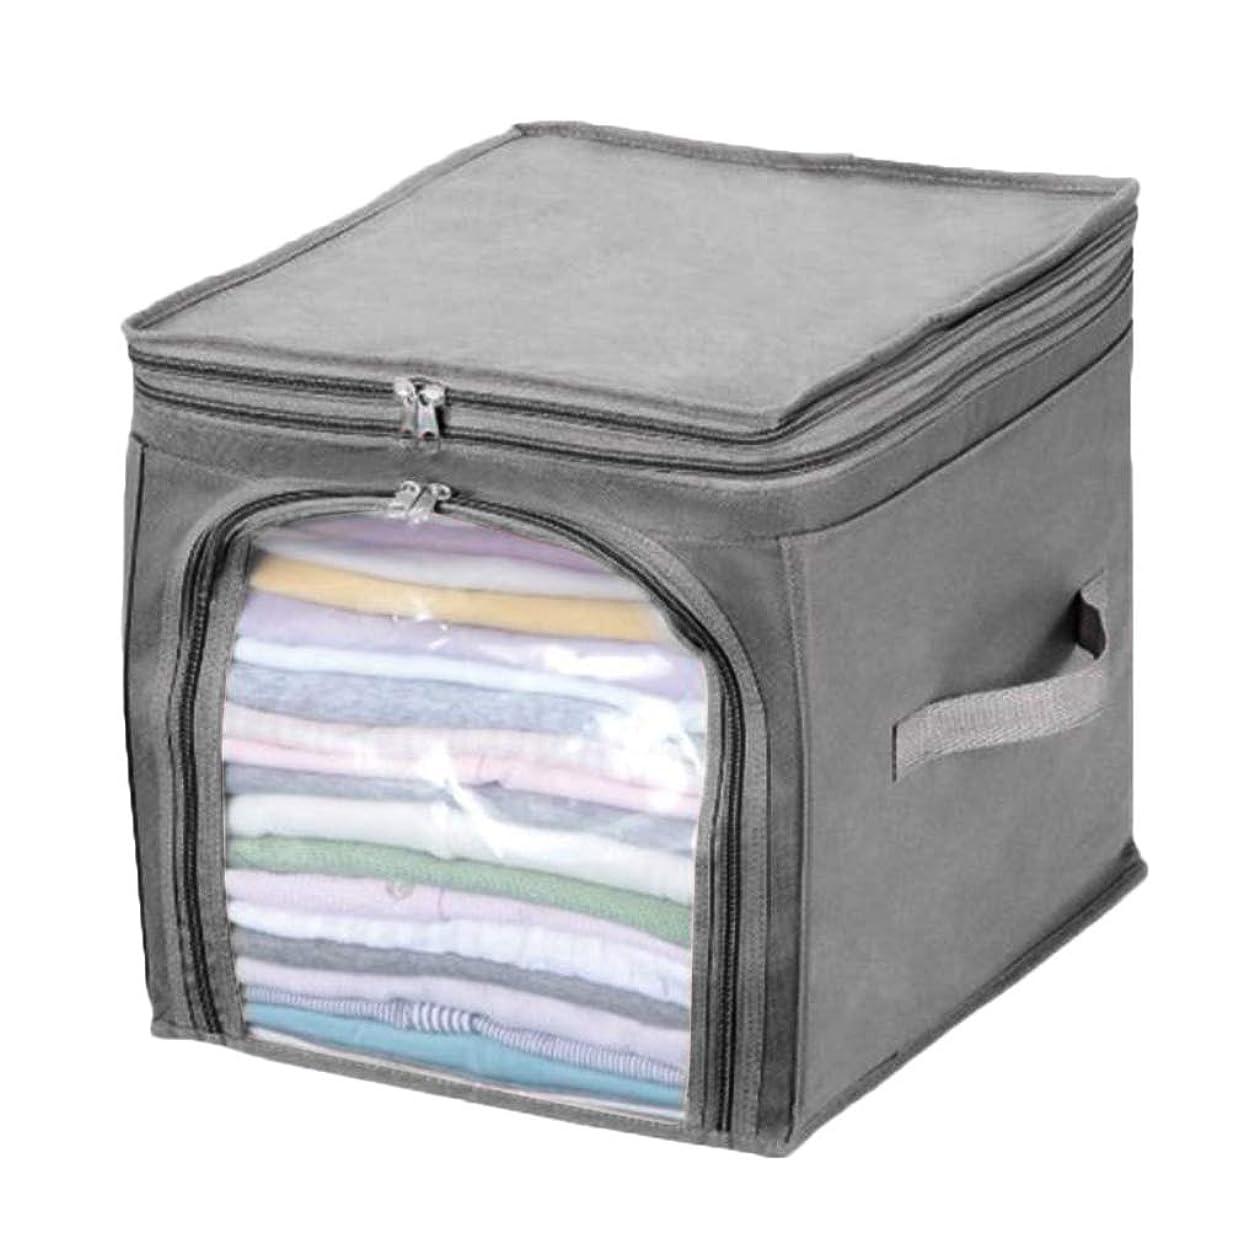 TopFires 収納ボックス スペースを節約 耐久性抜群 収納ケース 衣類収納ケース ワイヤー入り 取っ手付き 透明窓付き 大容量 洋服収納 不織布生地 内側撥水加工 防塵